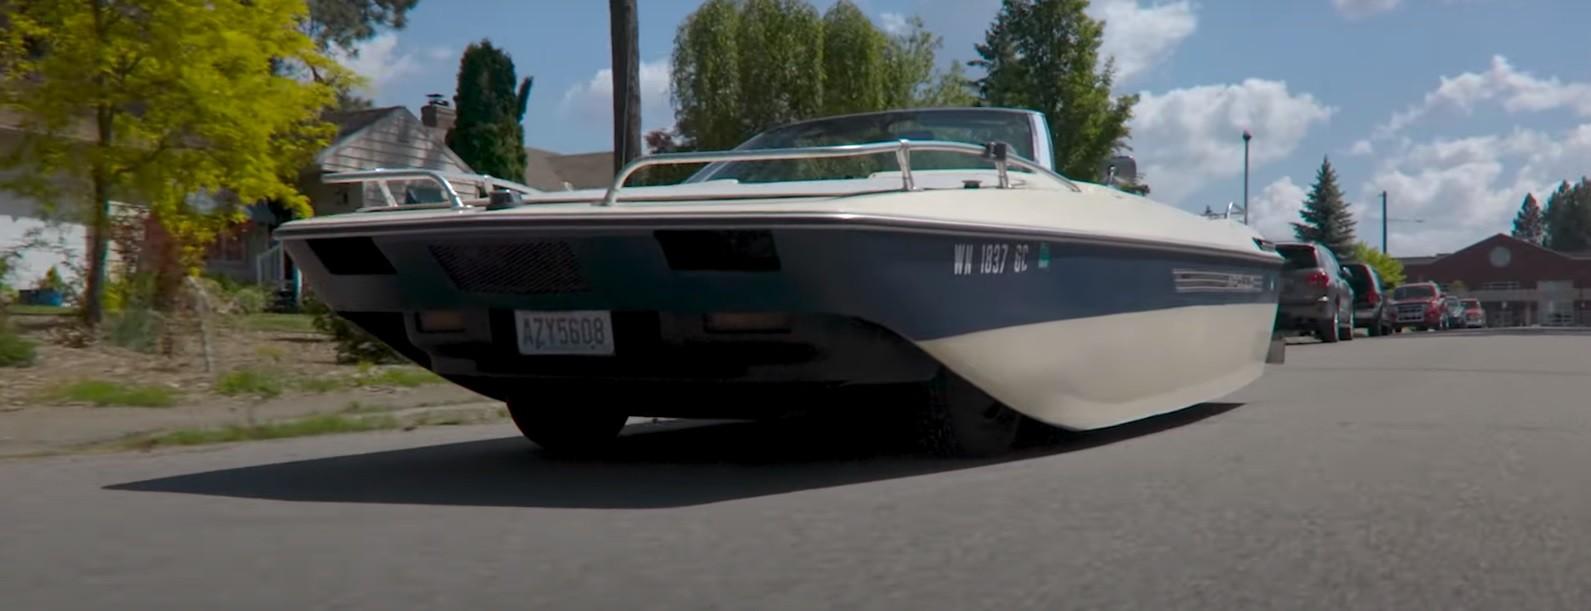 Chrysler LeBaron preko noći postao brod na kotačima, ovo je dokaz da ljudska glupost nema granica